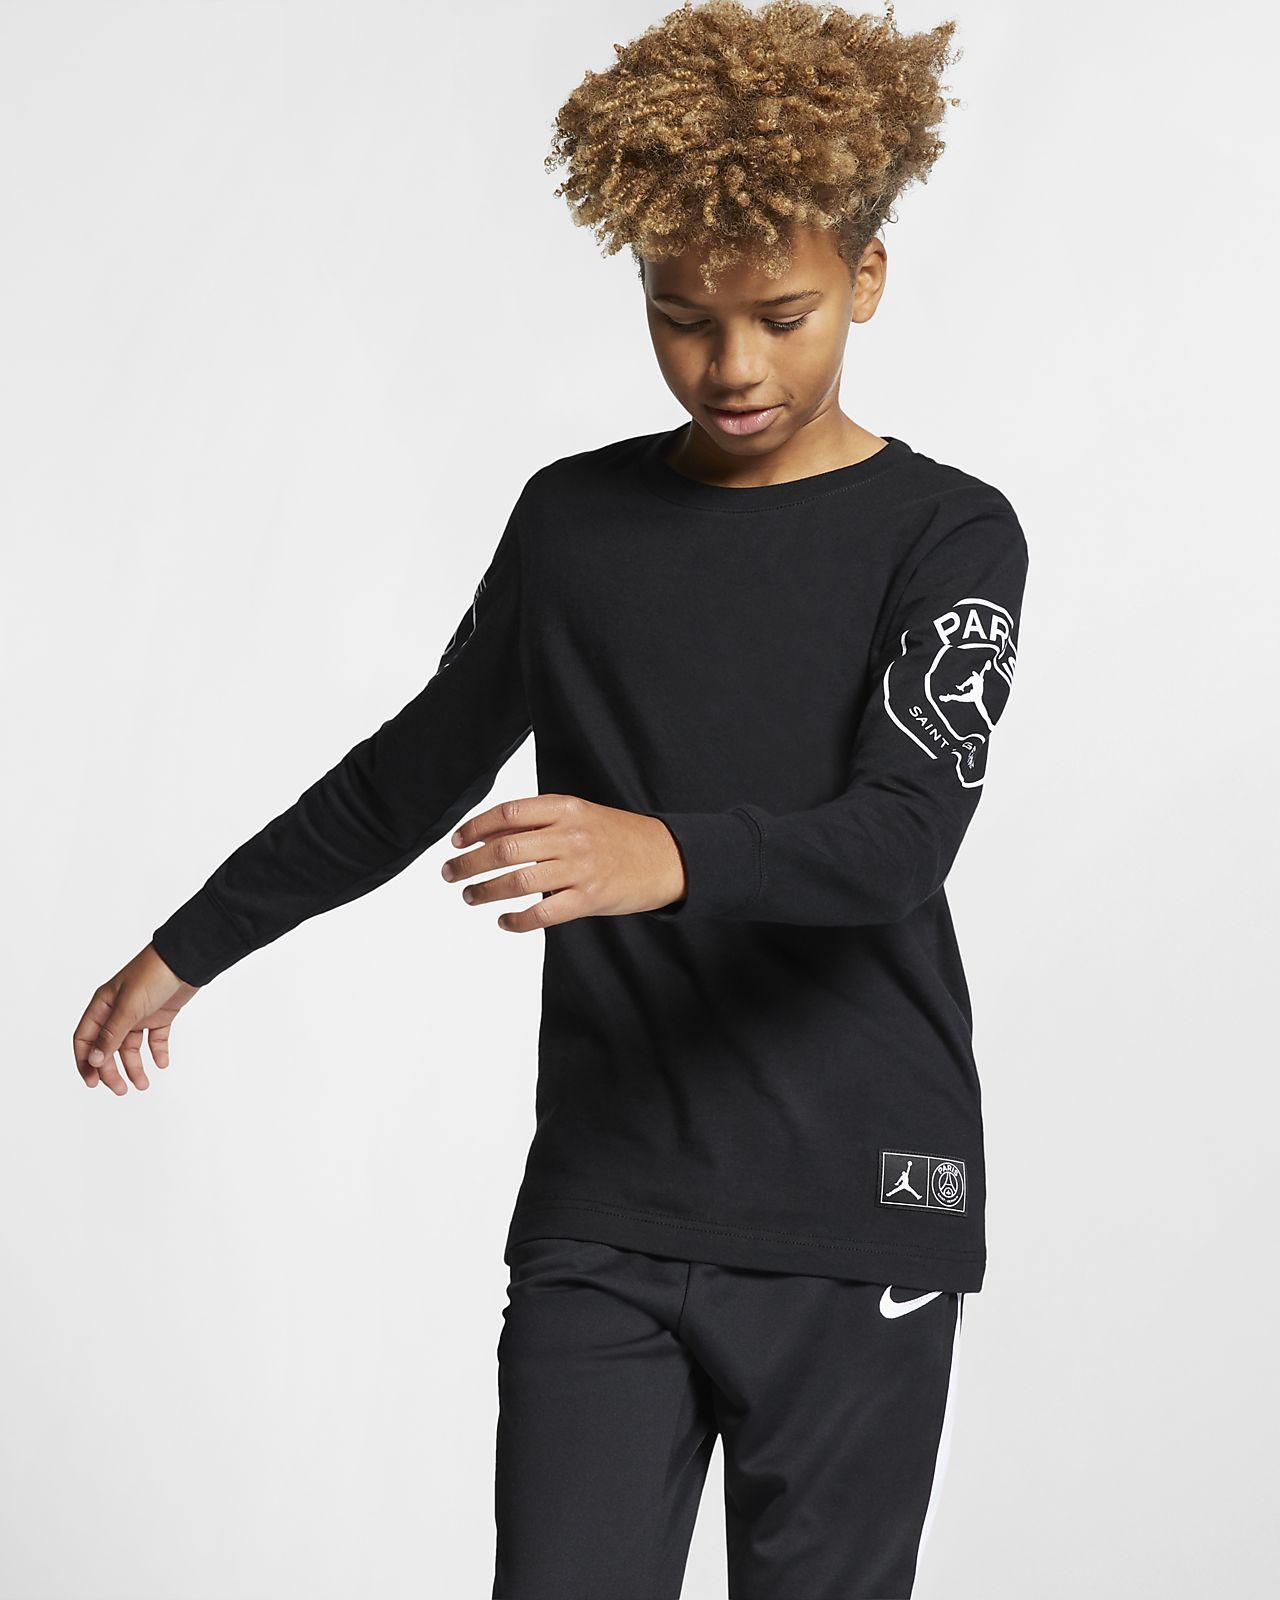 Μακρυμάνικο T-Shirt PSG για μεγάλα αγόρια